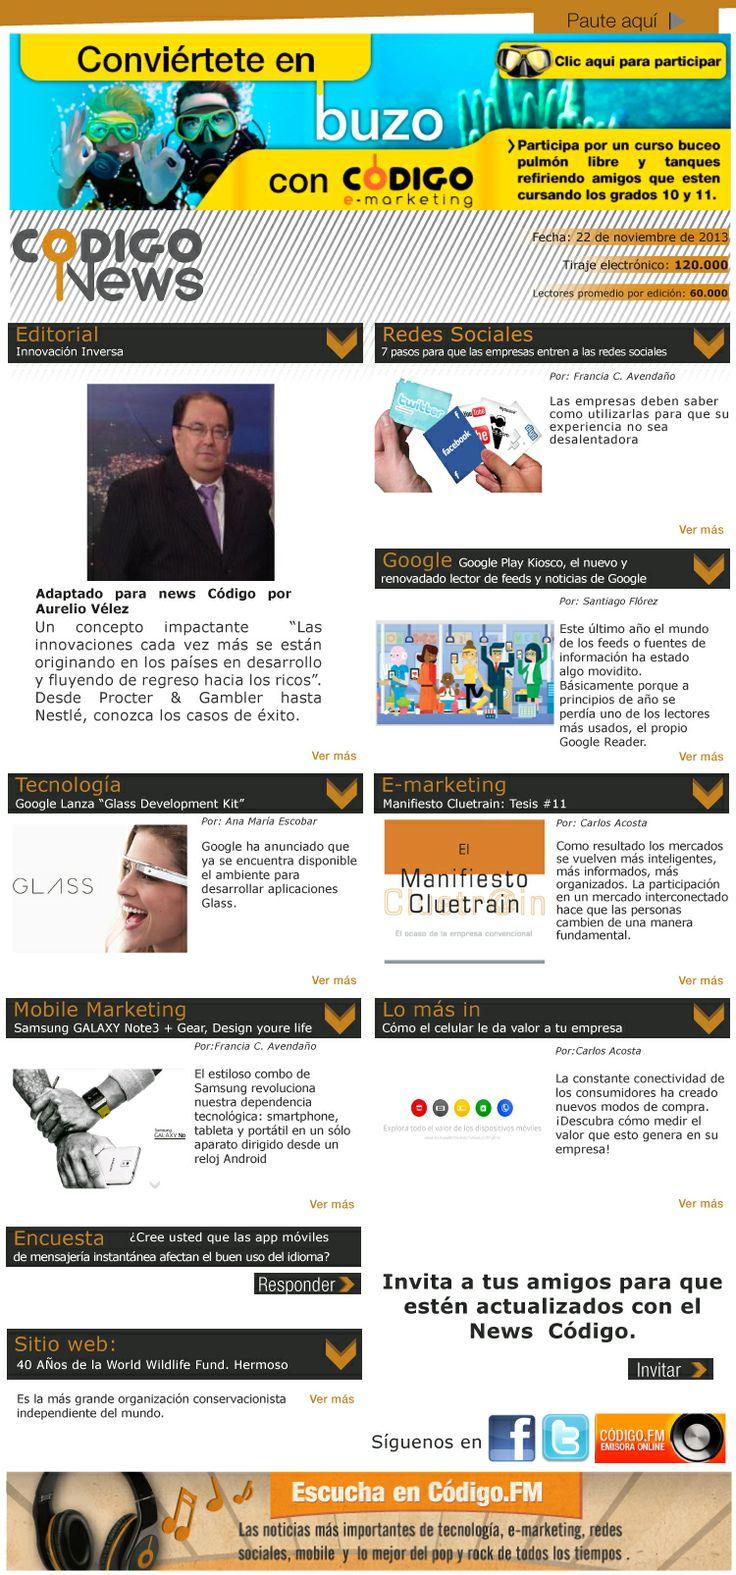 Lo último en e-mailing, redes, mobile marketing y tecnología en nuestro News #77.